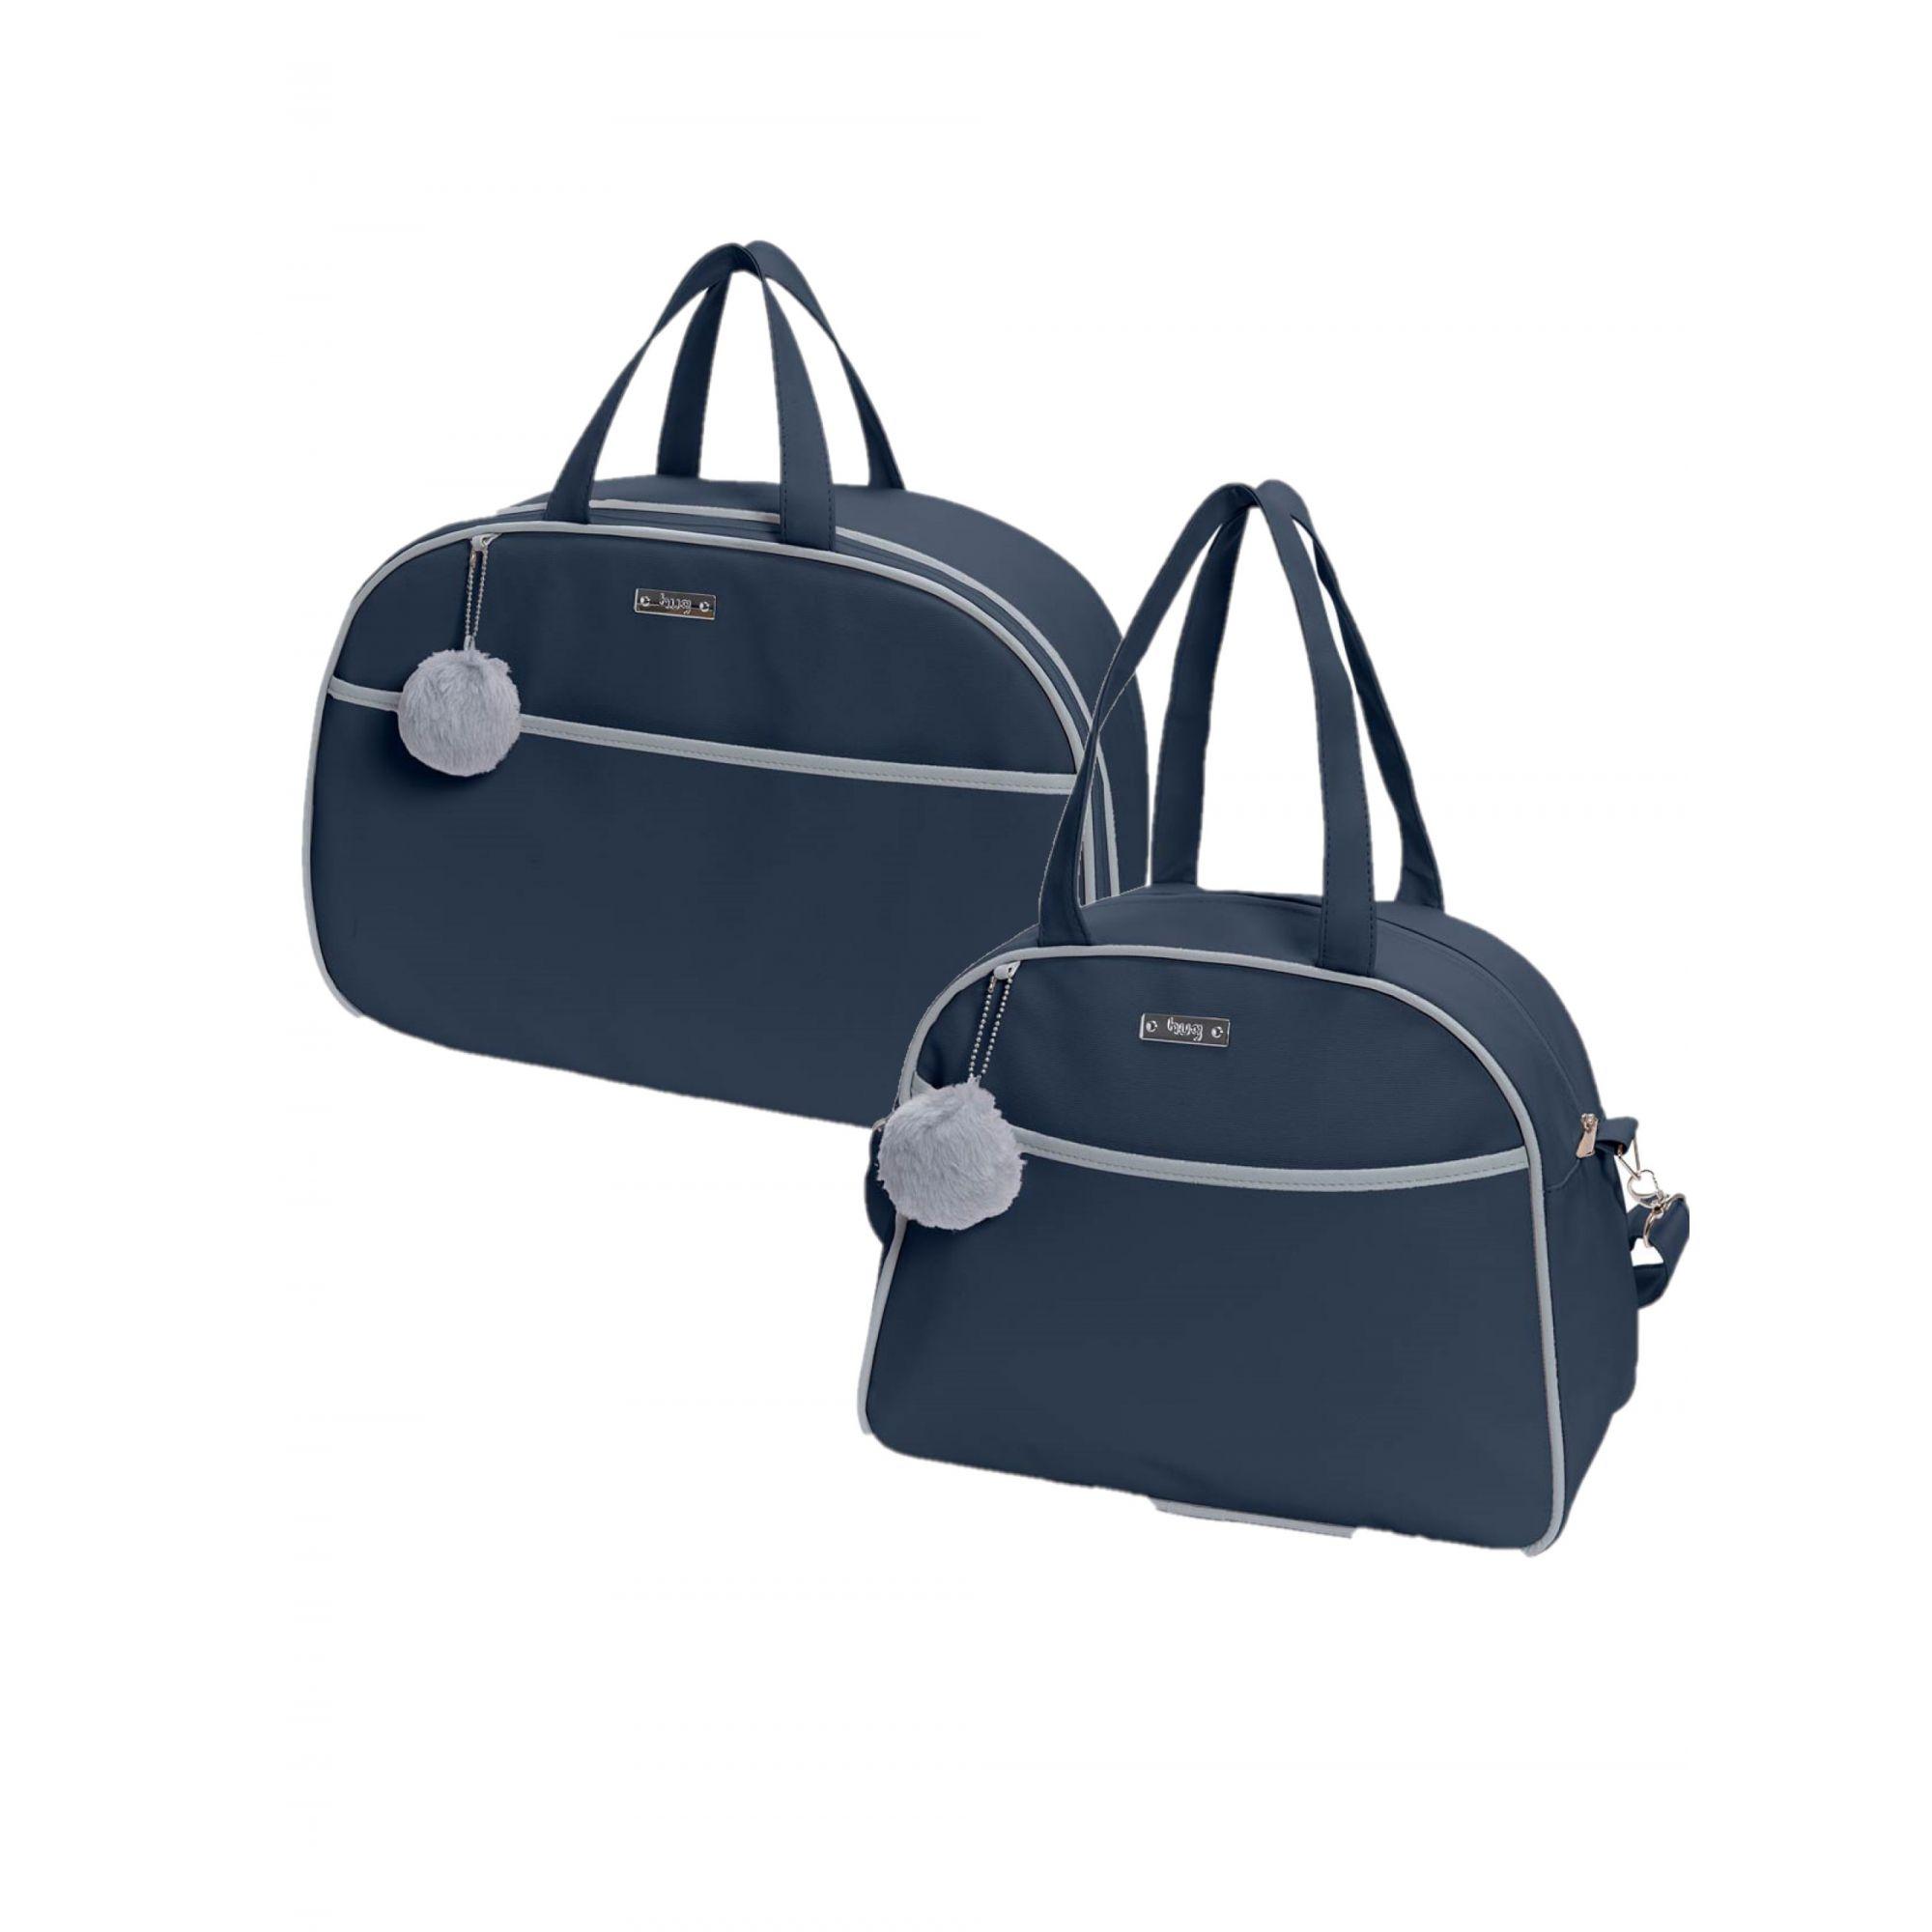 Kit bolsa de maternidade Marinho Berlim - 2 pçs - Hug (bolsa e mala)